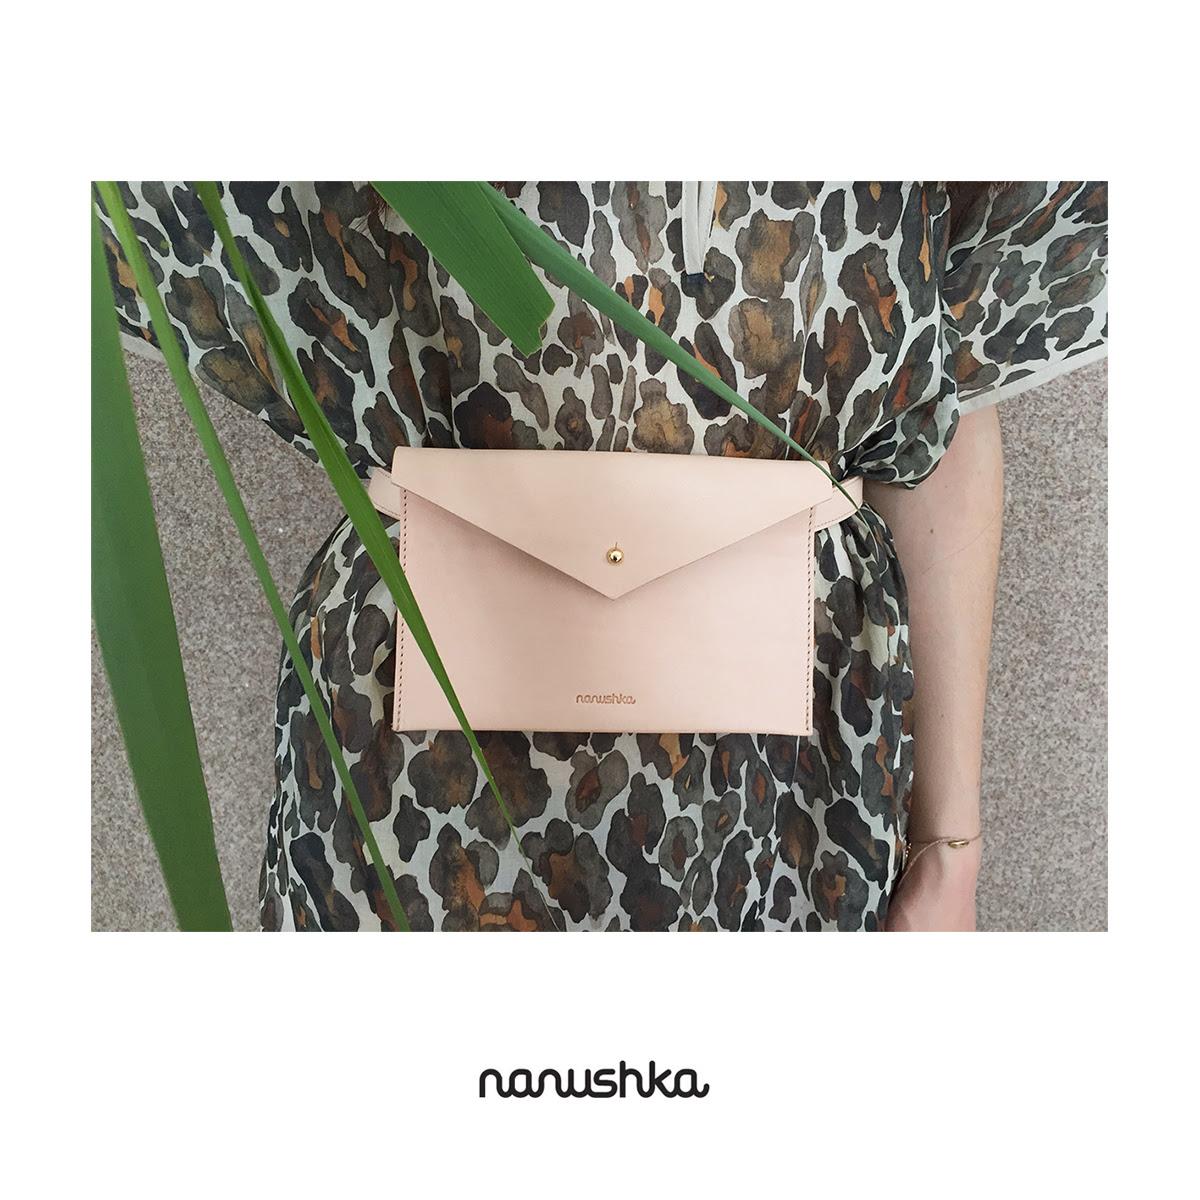 nanusha_pop.jpg